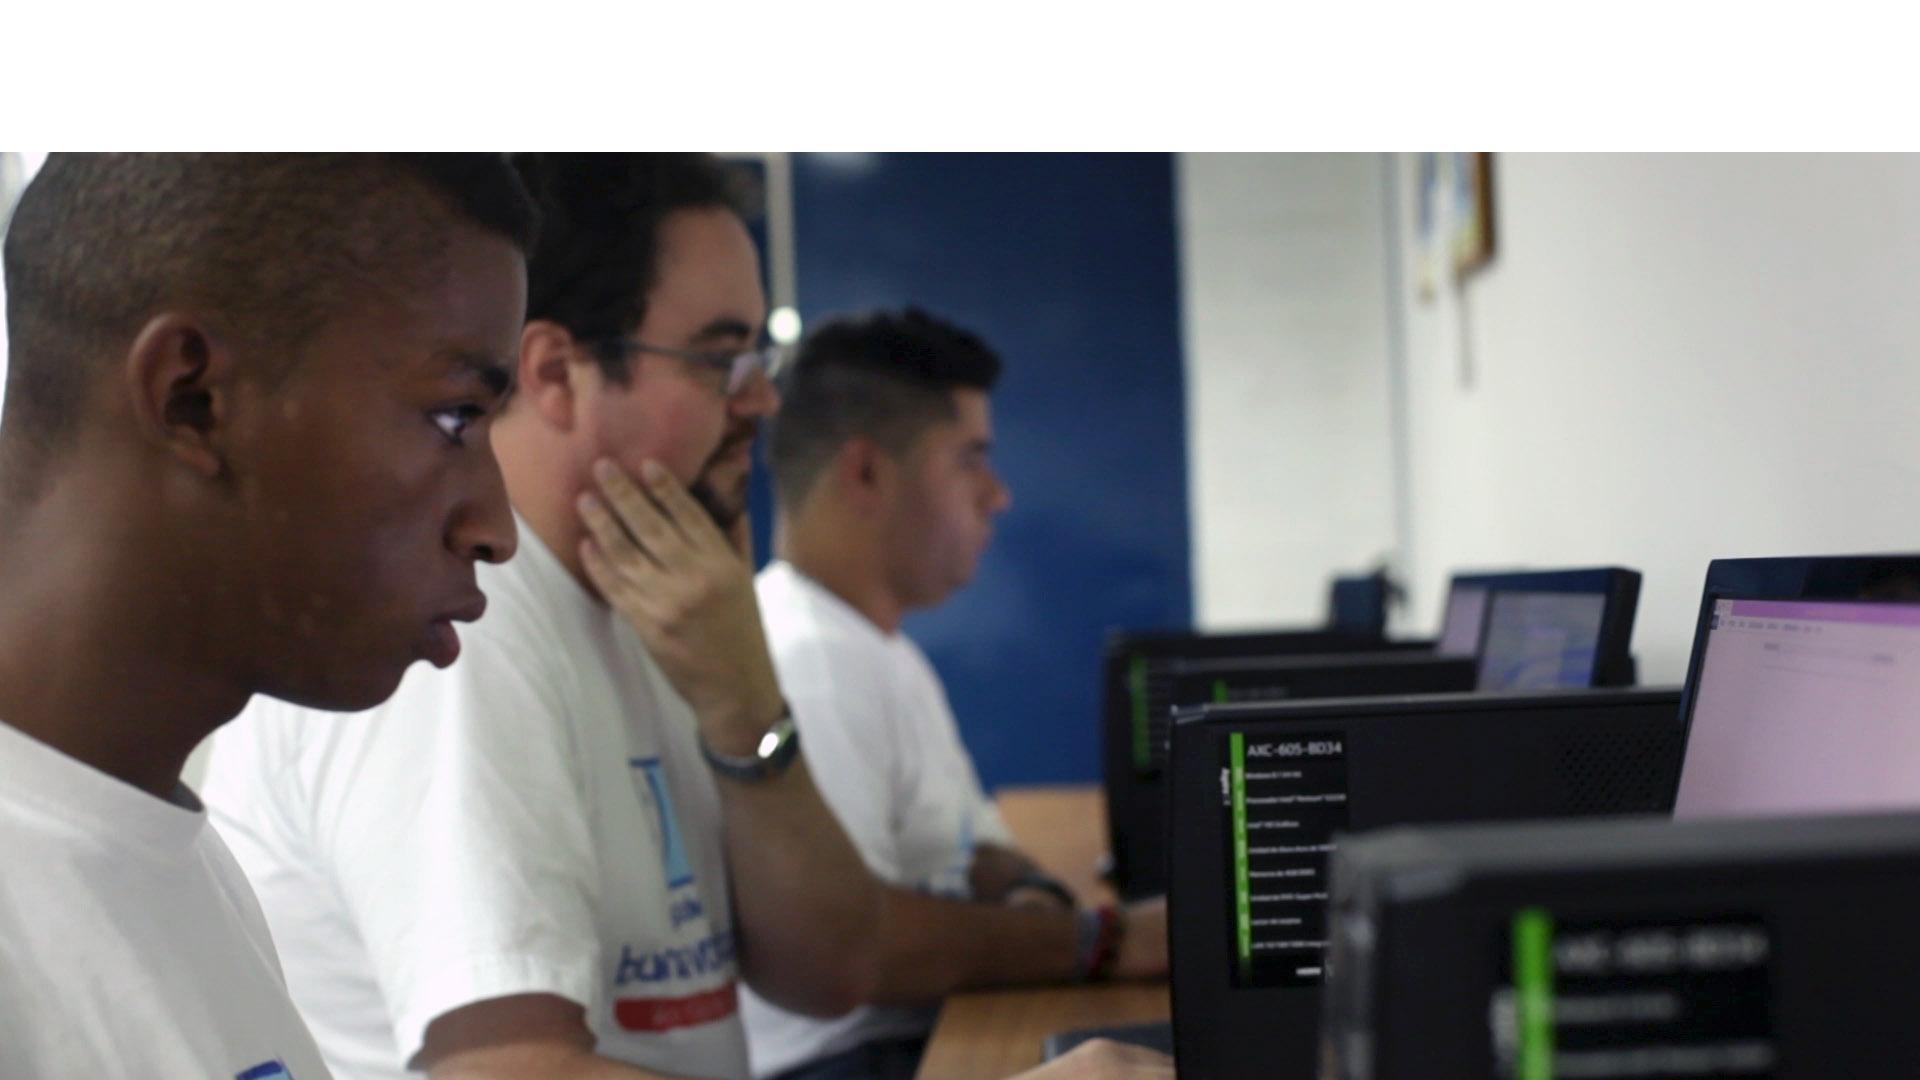 La asociación Buena Voluntad tiene larga trayectoria asesorando empresas para que empleen personas con capacidades diferentes